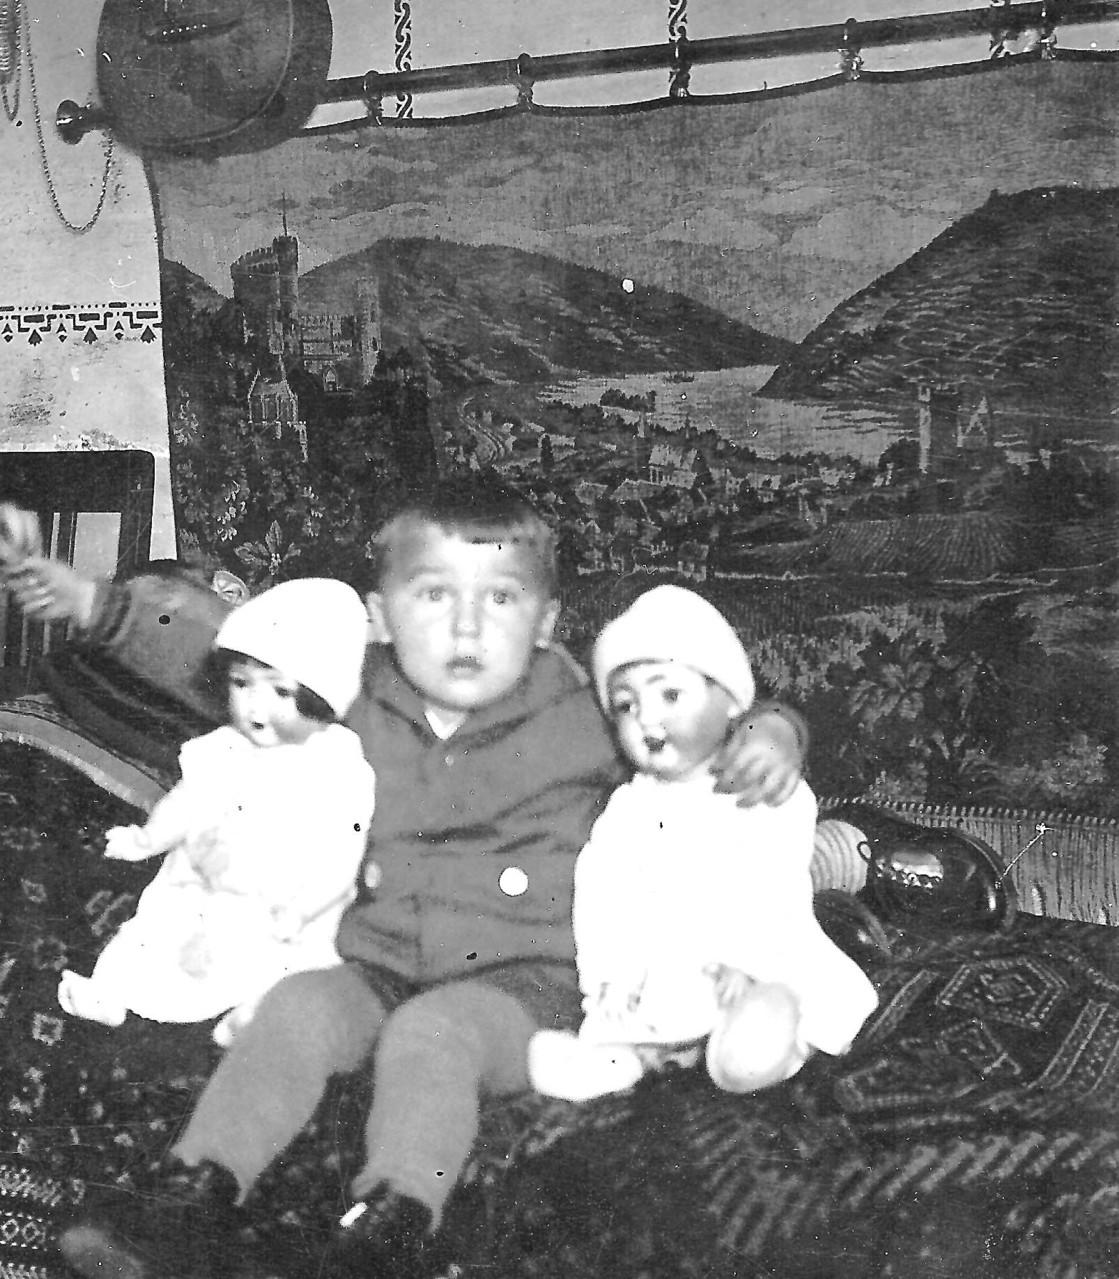 Mein Vater Hans etwa im Alter von drei Jahren in der elterlichen Wohnung in Marktredwitz...